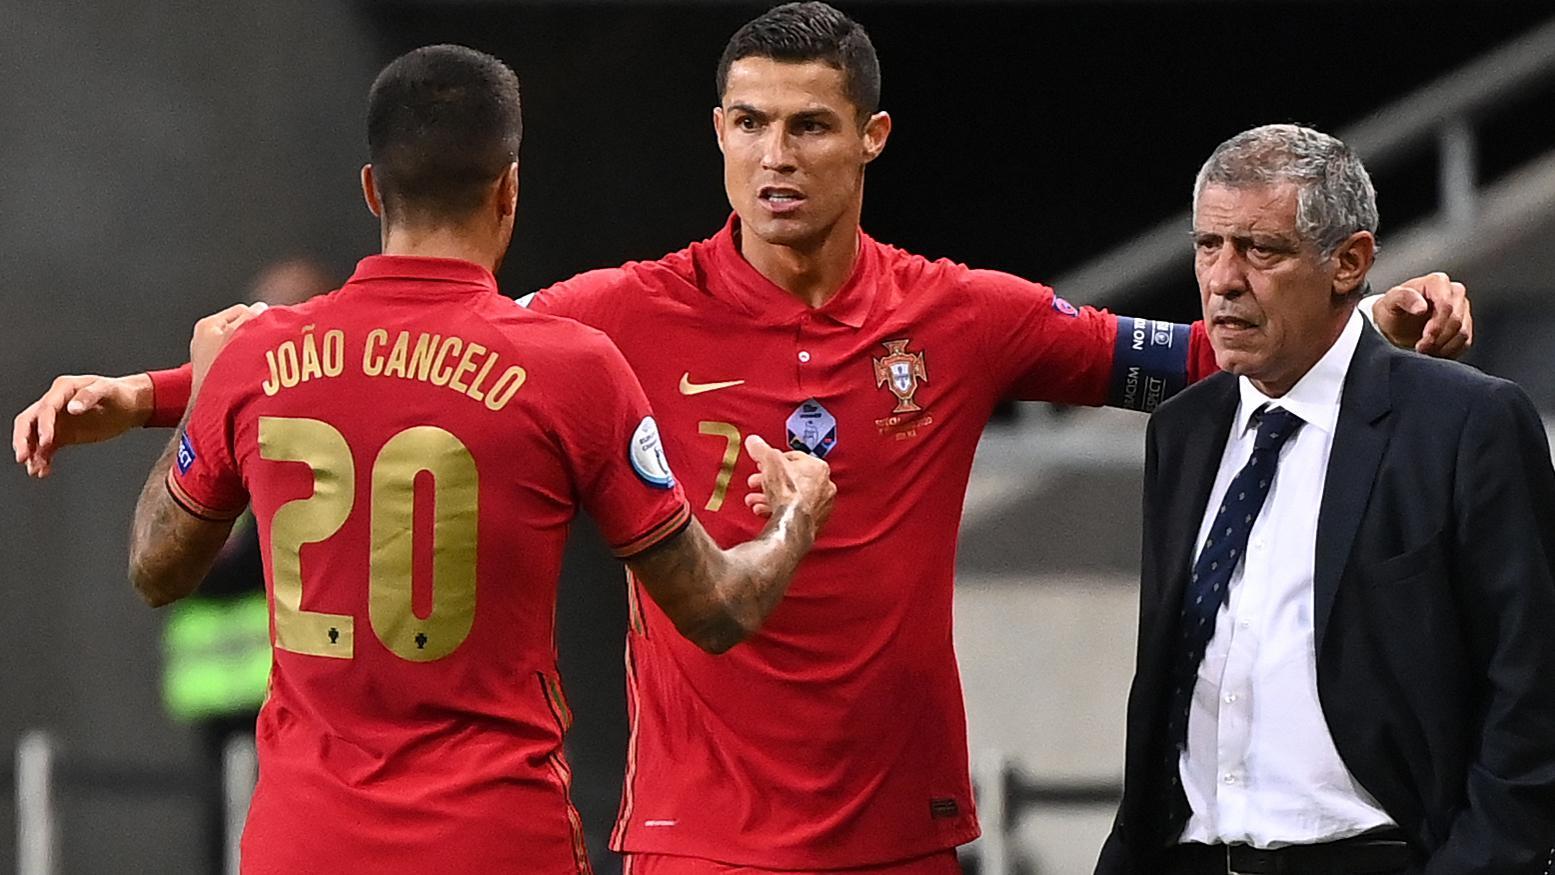 Ronaldo reaches century for Portugal